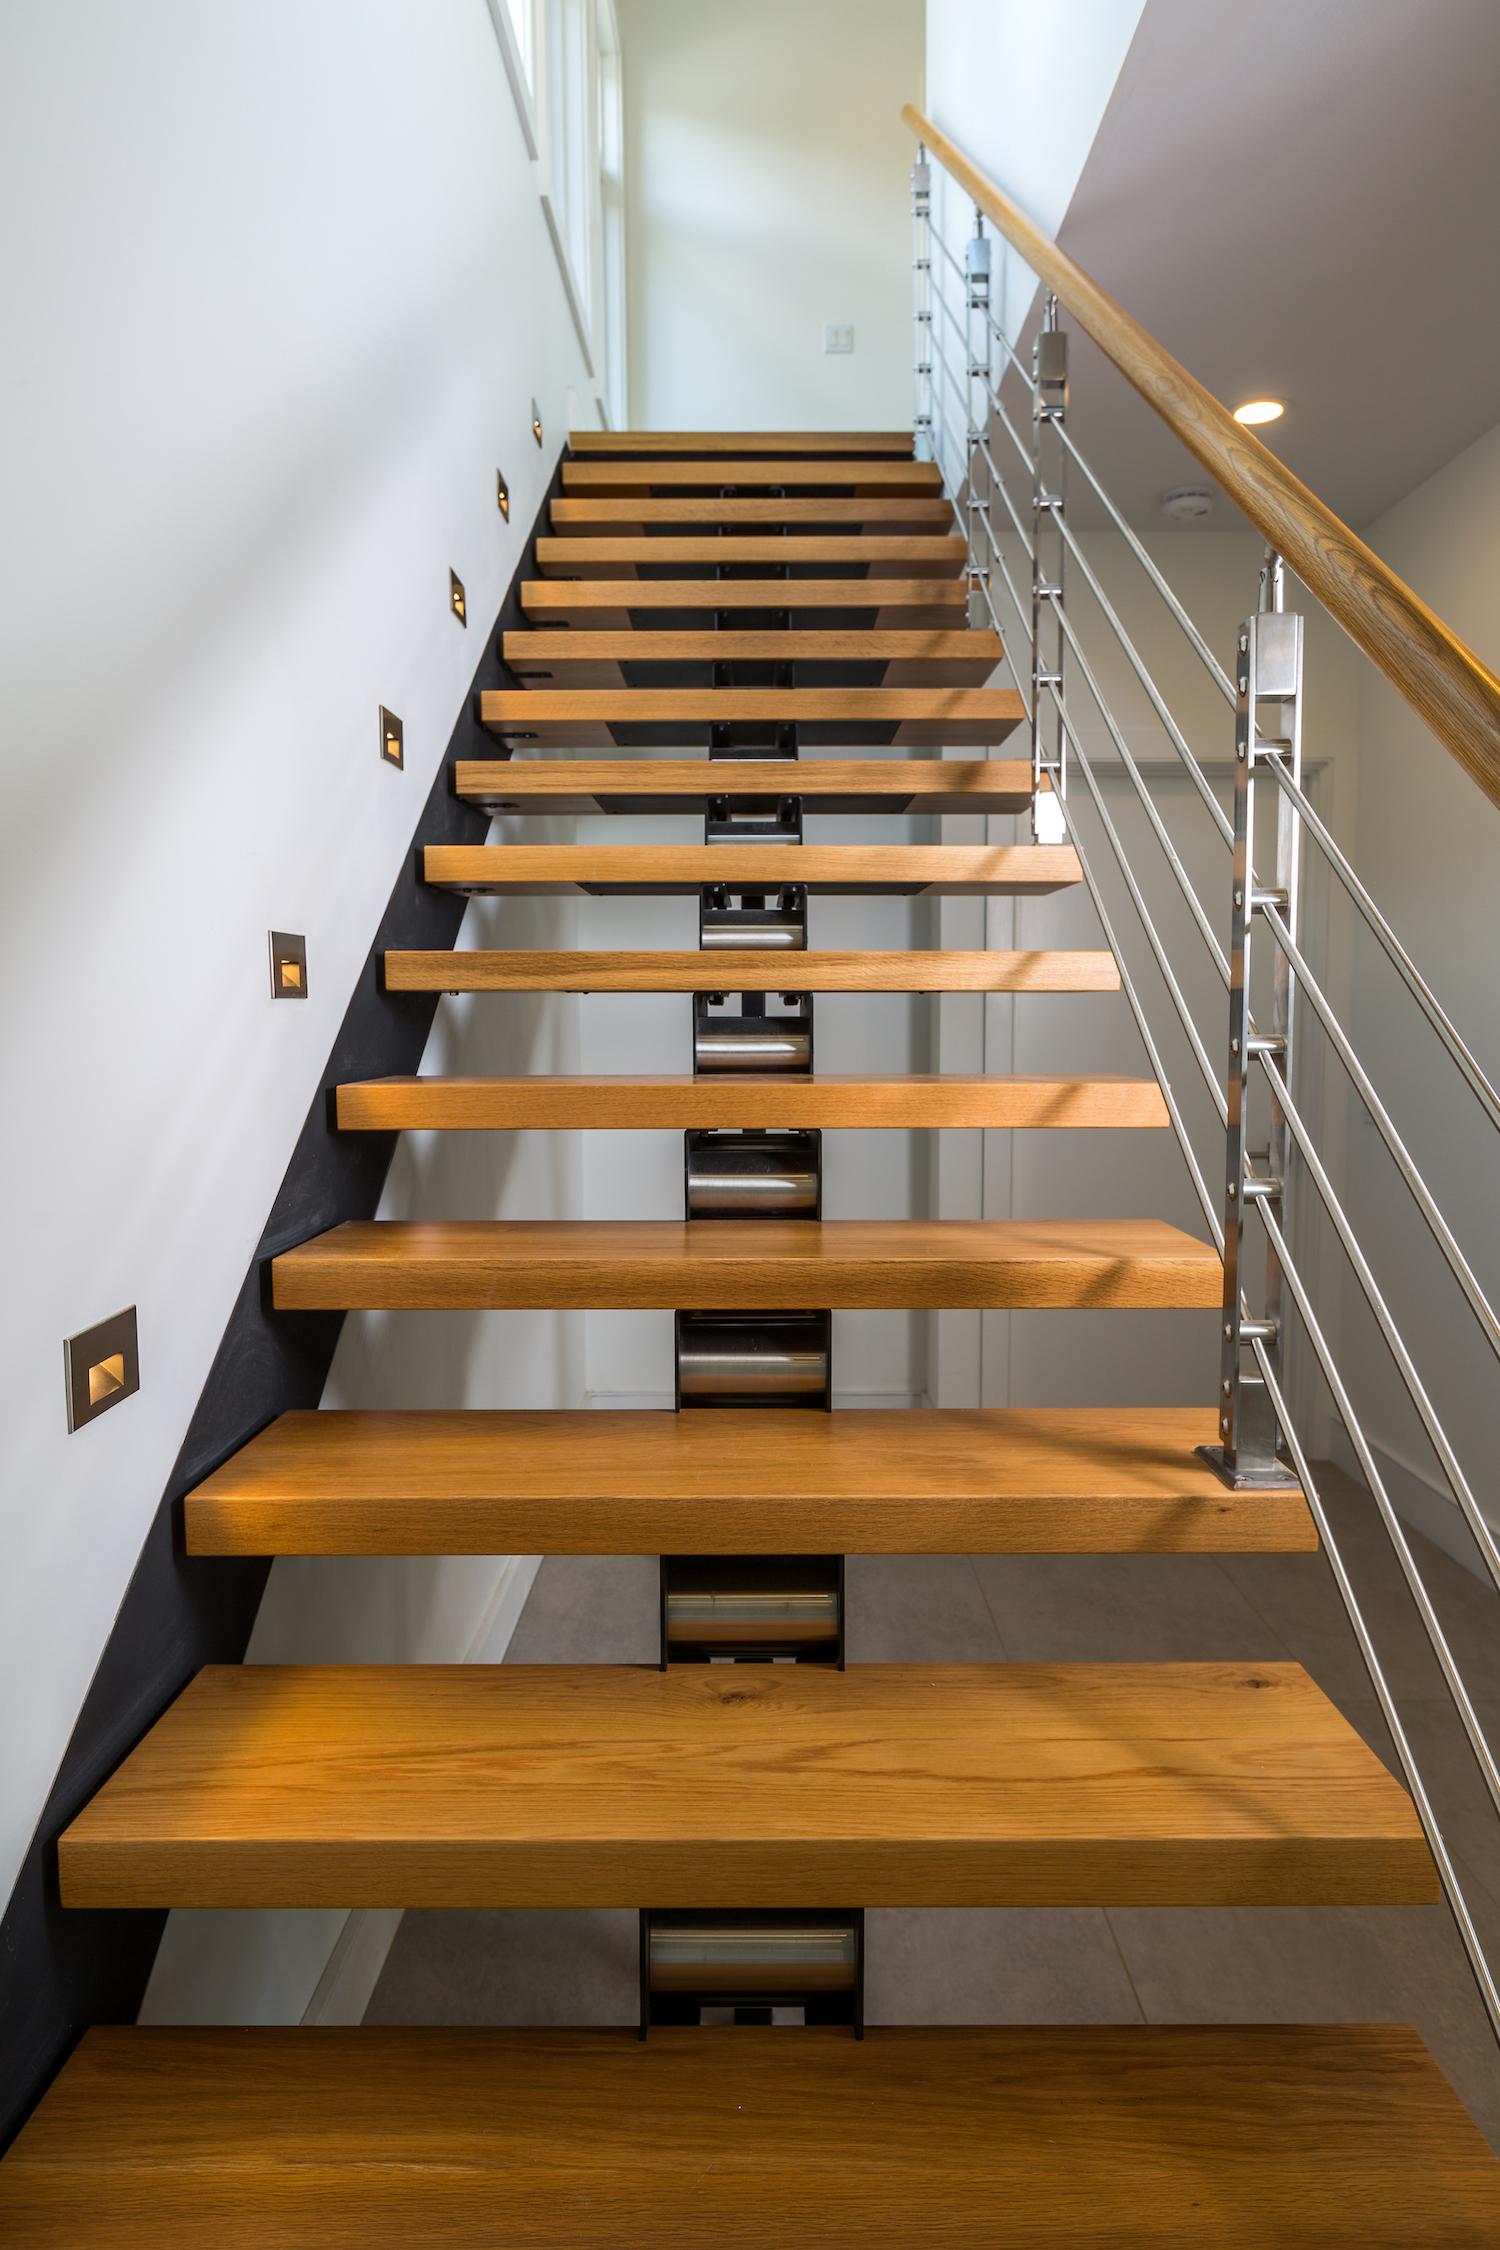 vermont-stairs-design.jpg